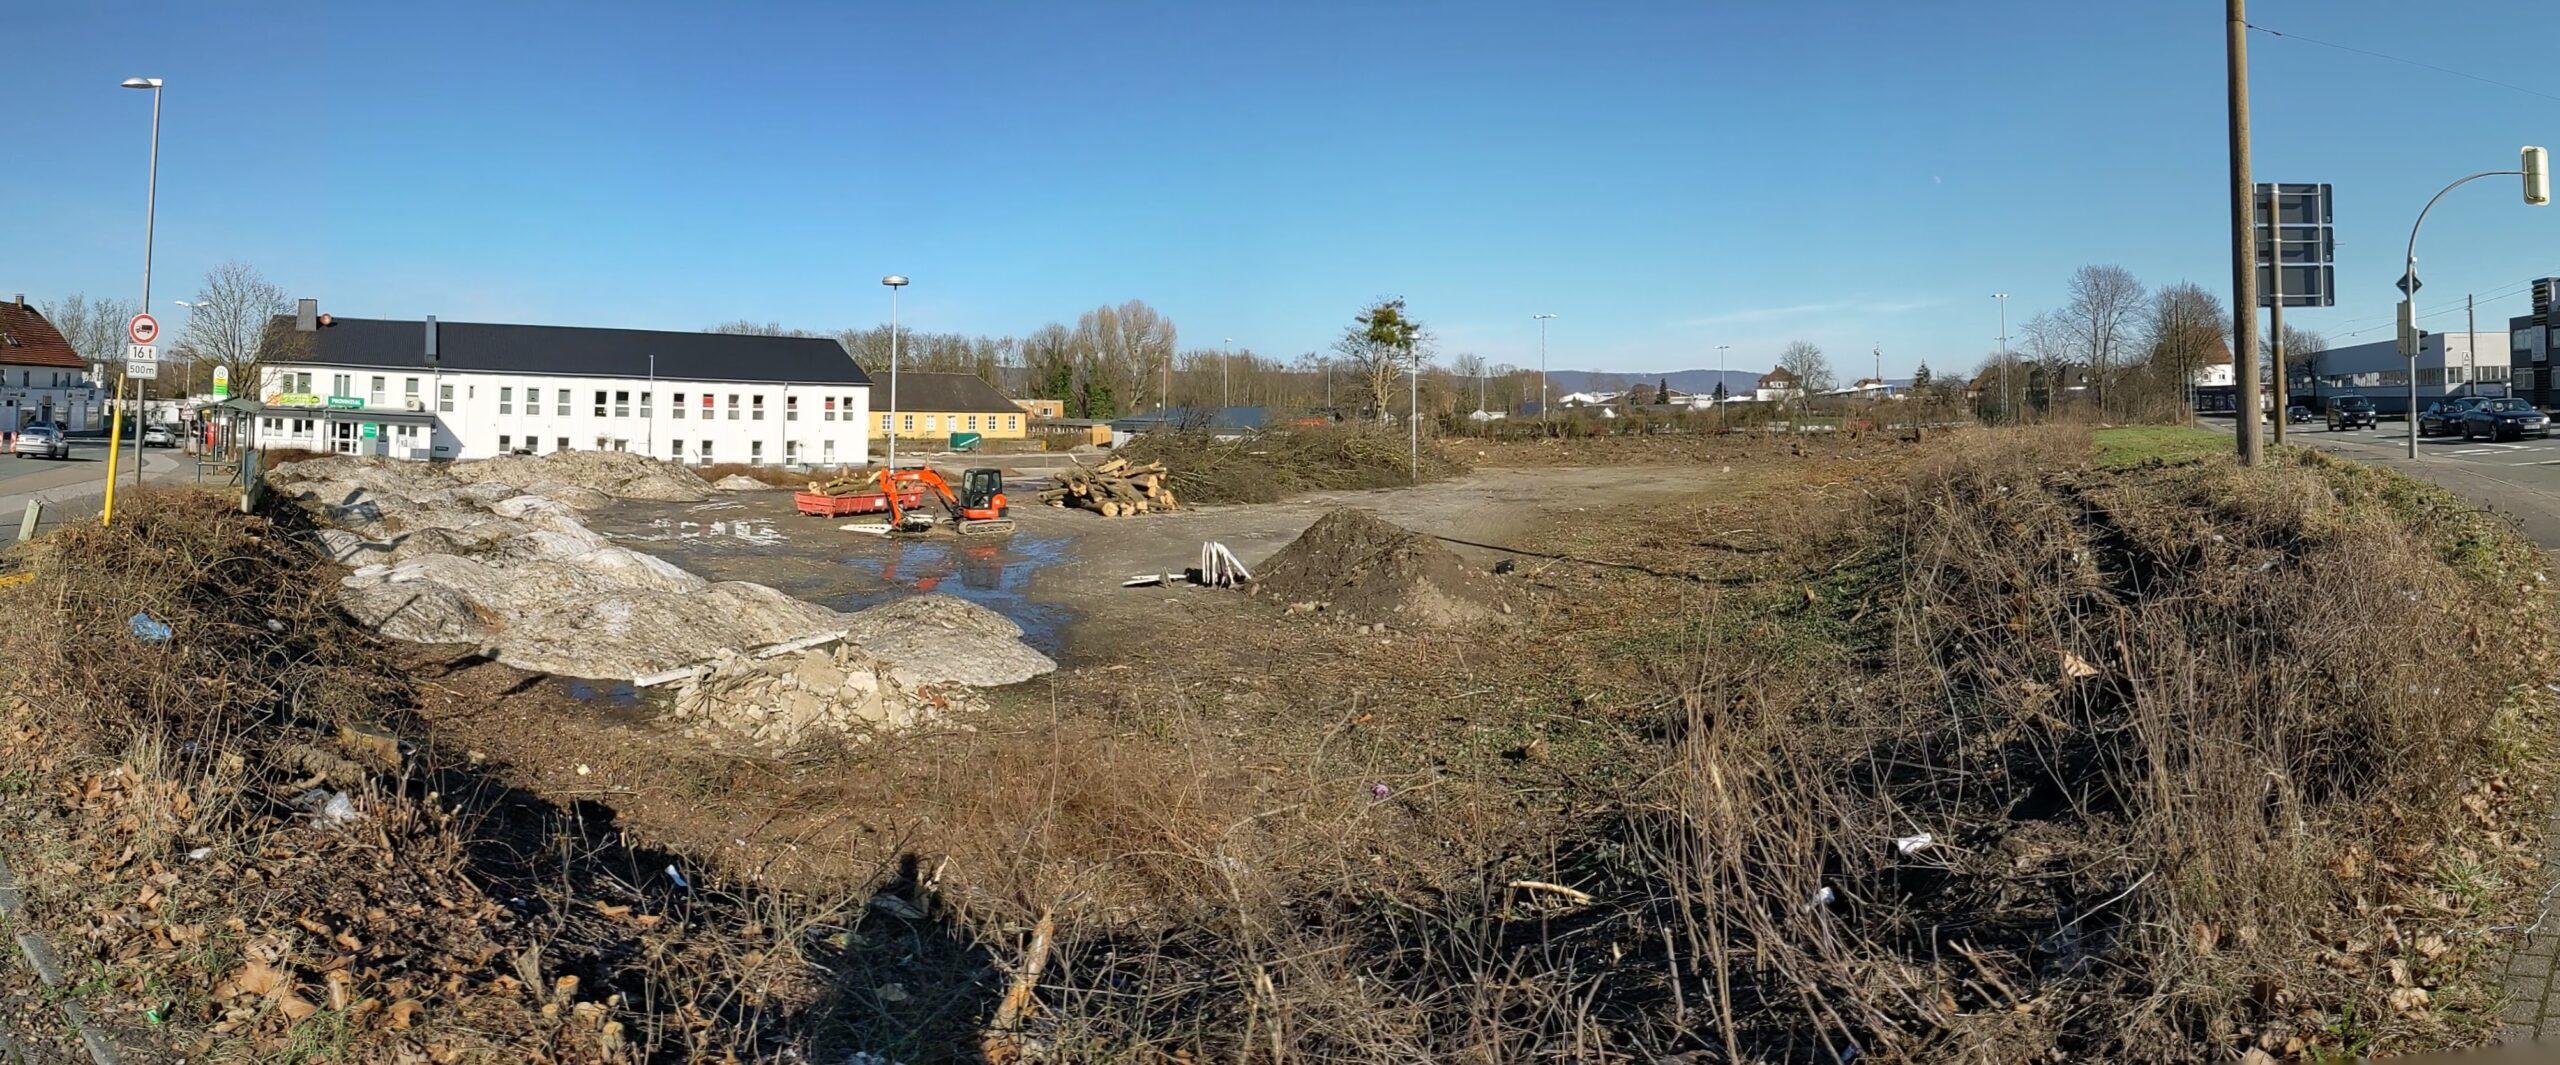 Neubau des Haus der Jugend – Medical City Plaza